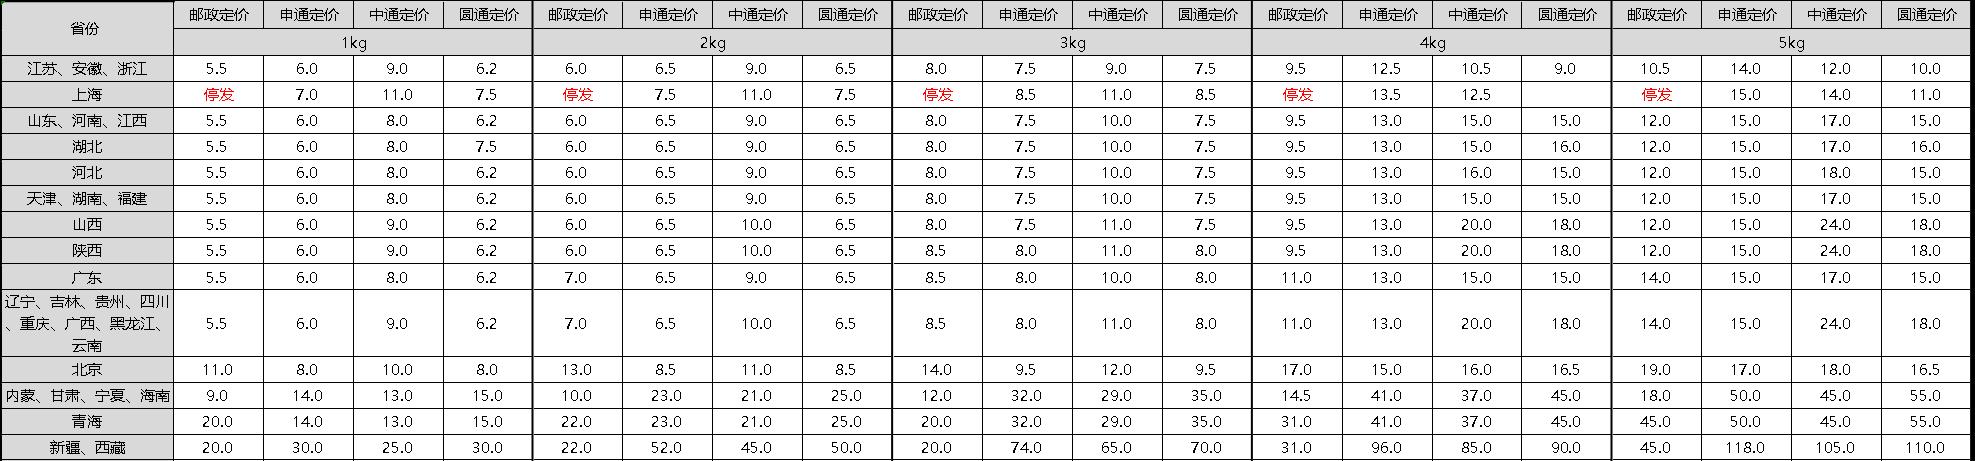 http://qiniu.zhaojiafang.com/data/upload/shop/article/QN06573826923493277.png